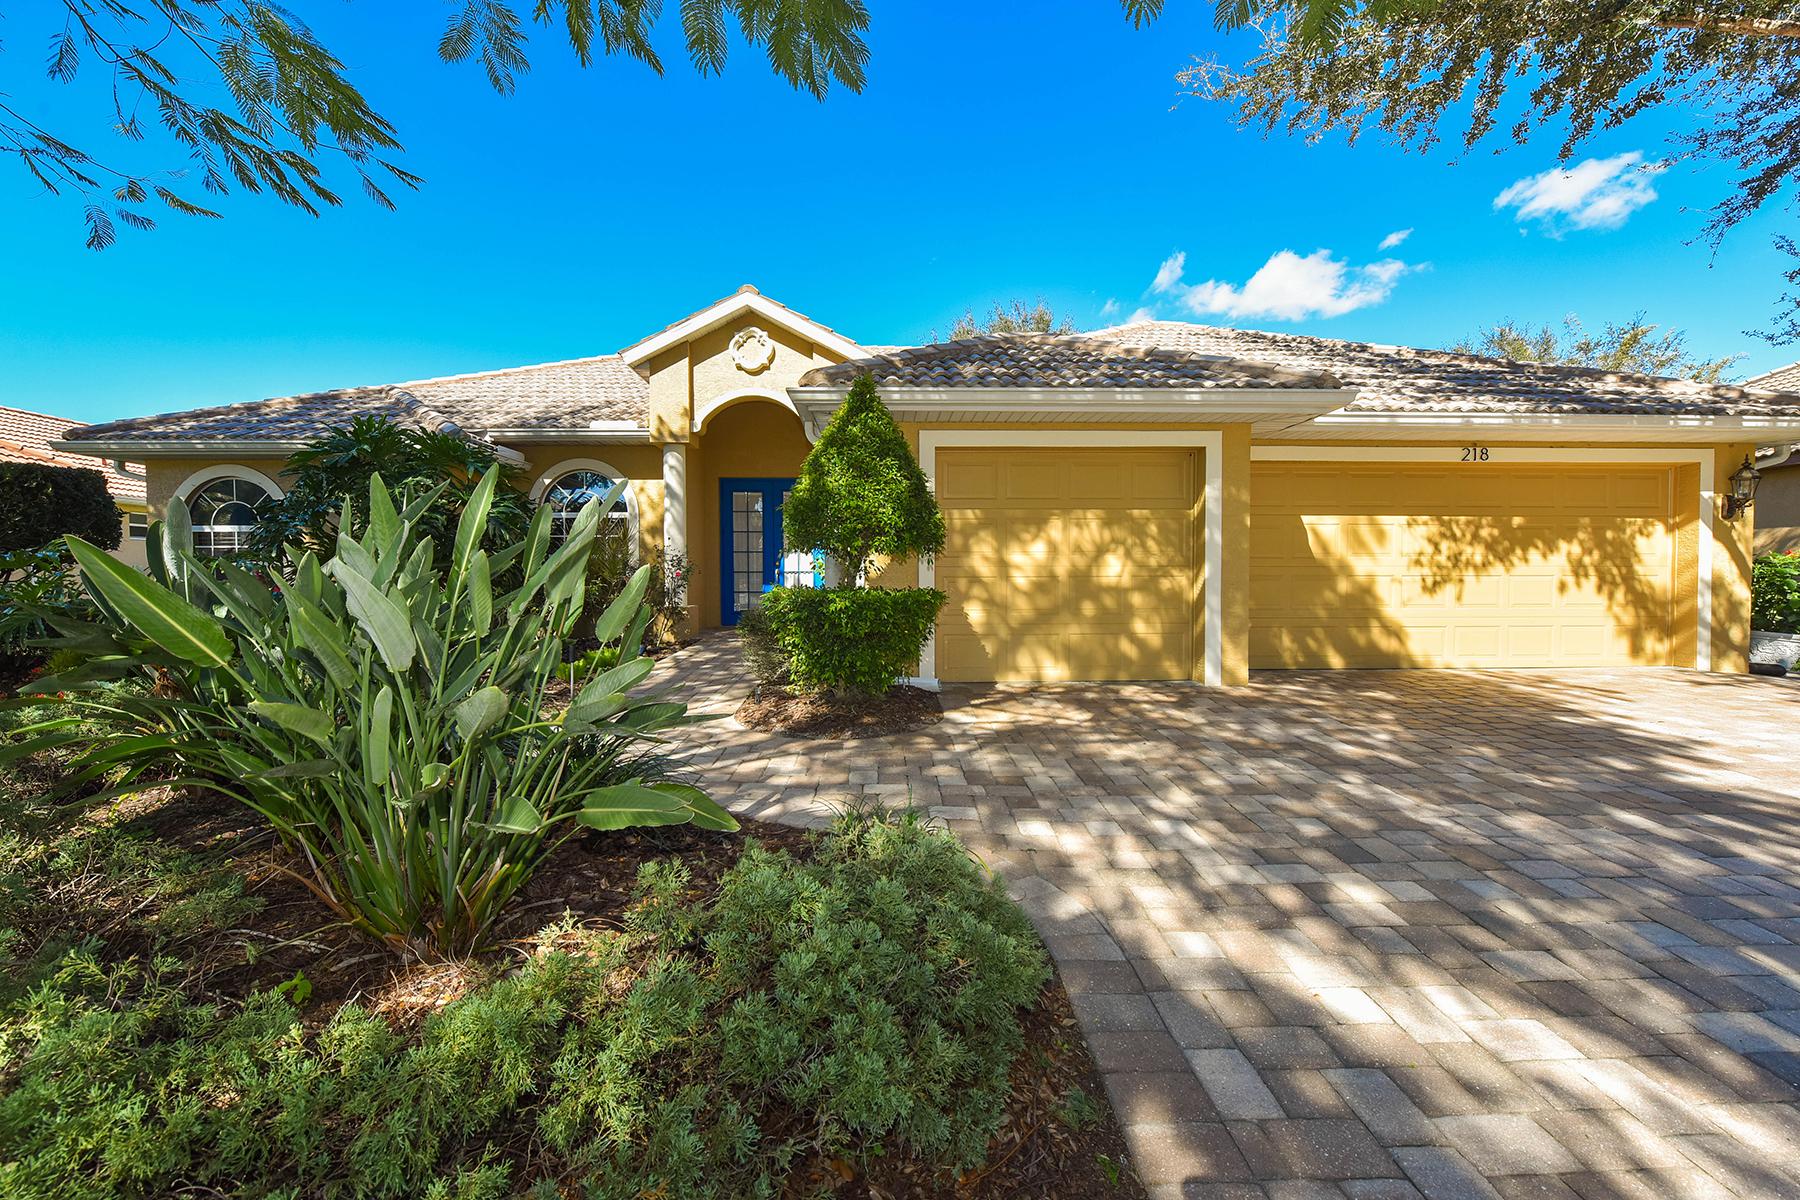 一戸建て のために 売買 アット PARK TRACE ESTATES 218 Willow Bend Way Osprey, フロリダ, 34229 アメリカ合衆国